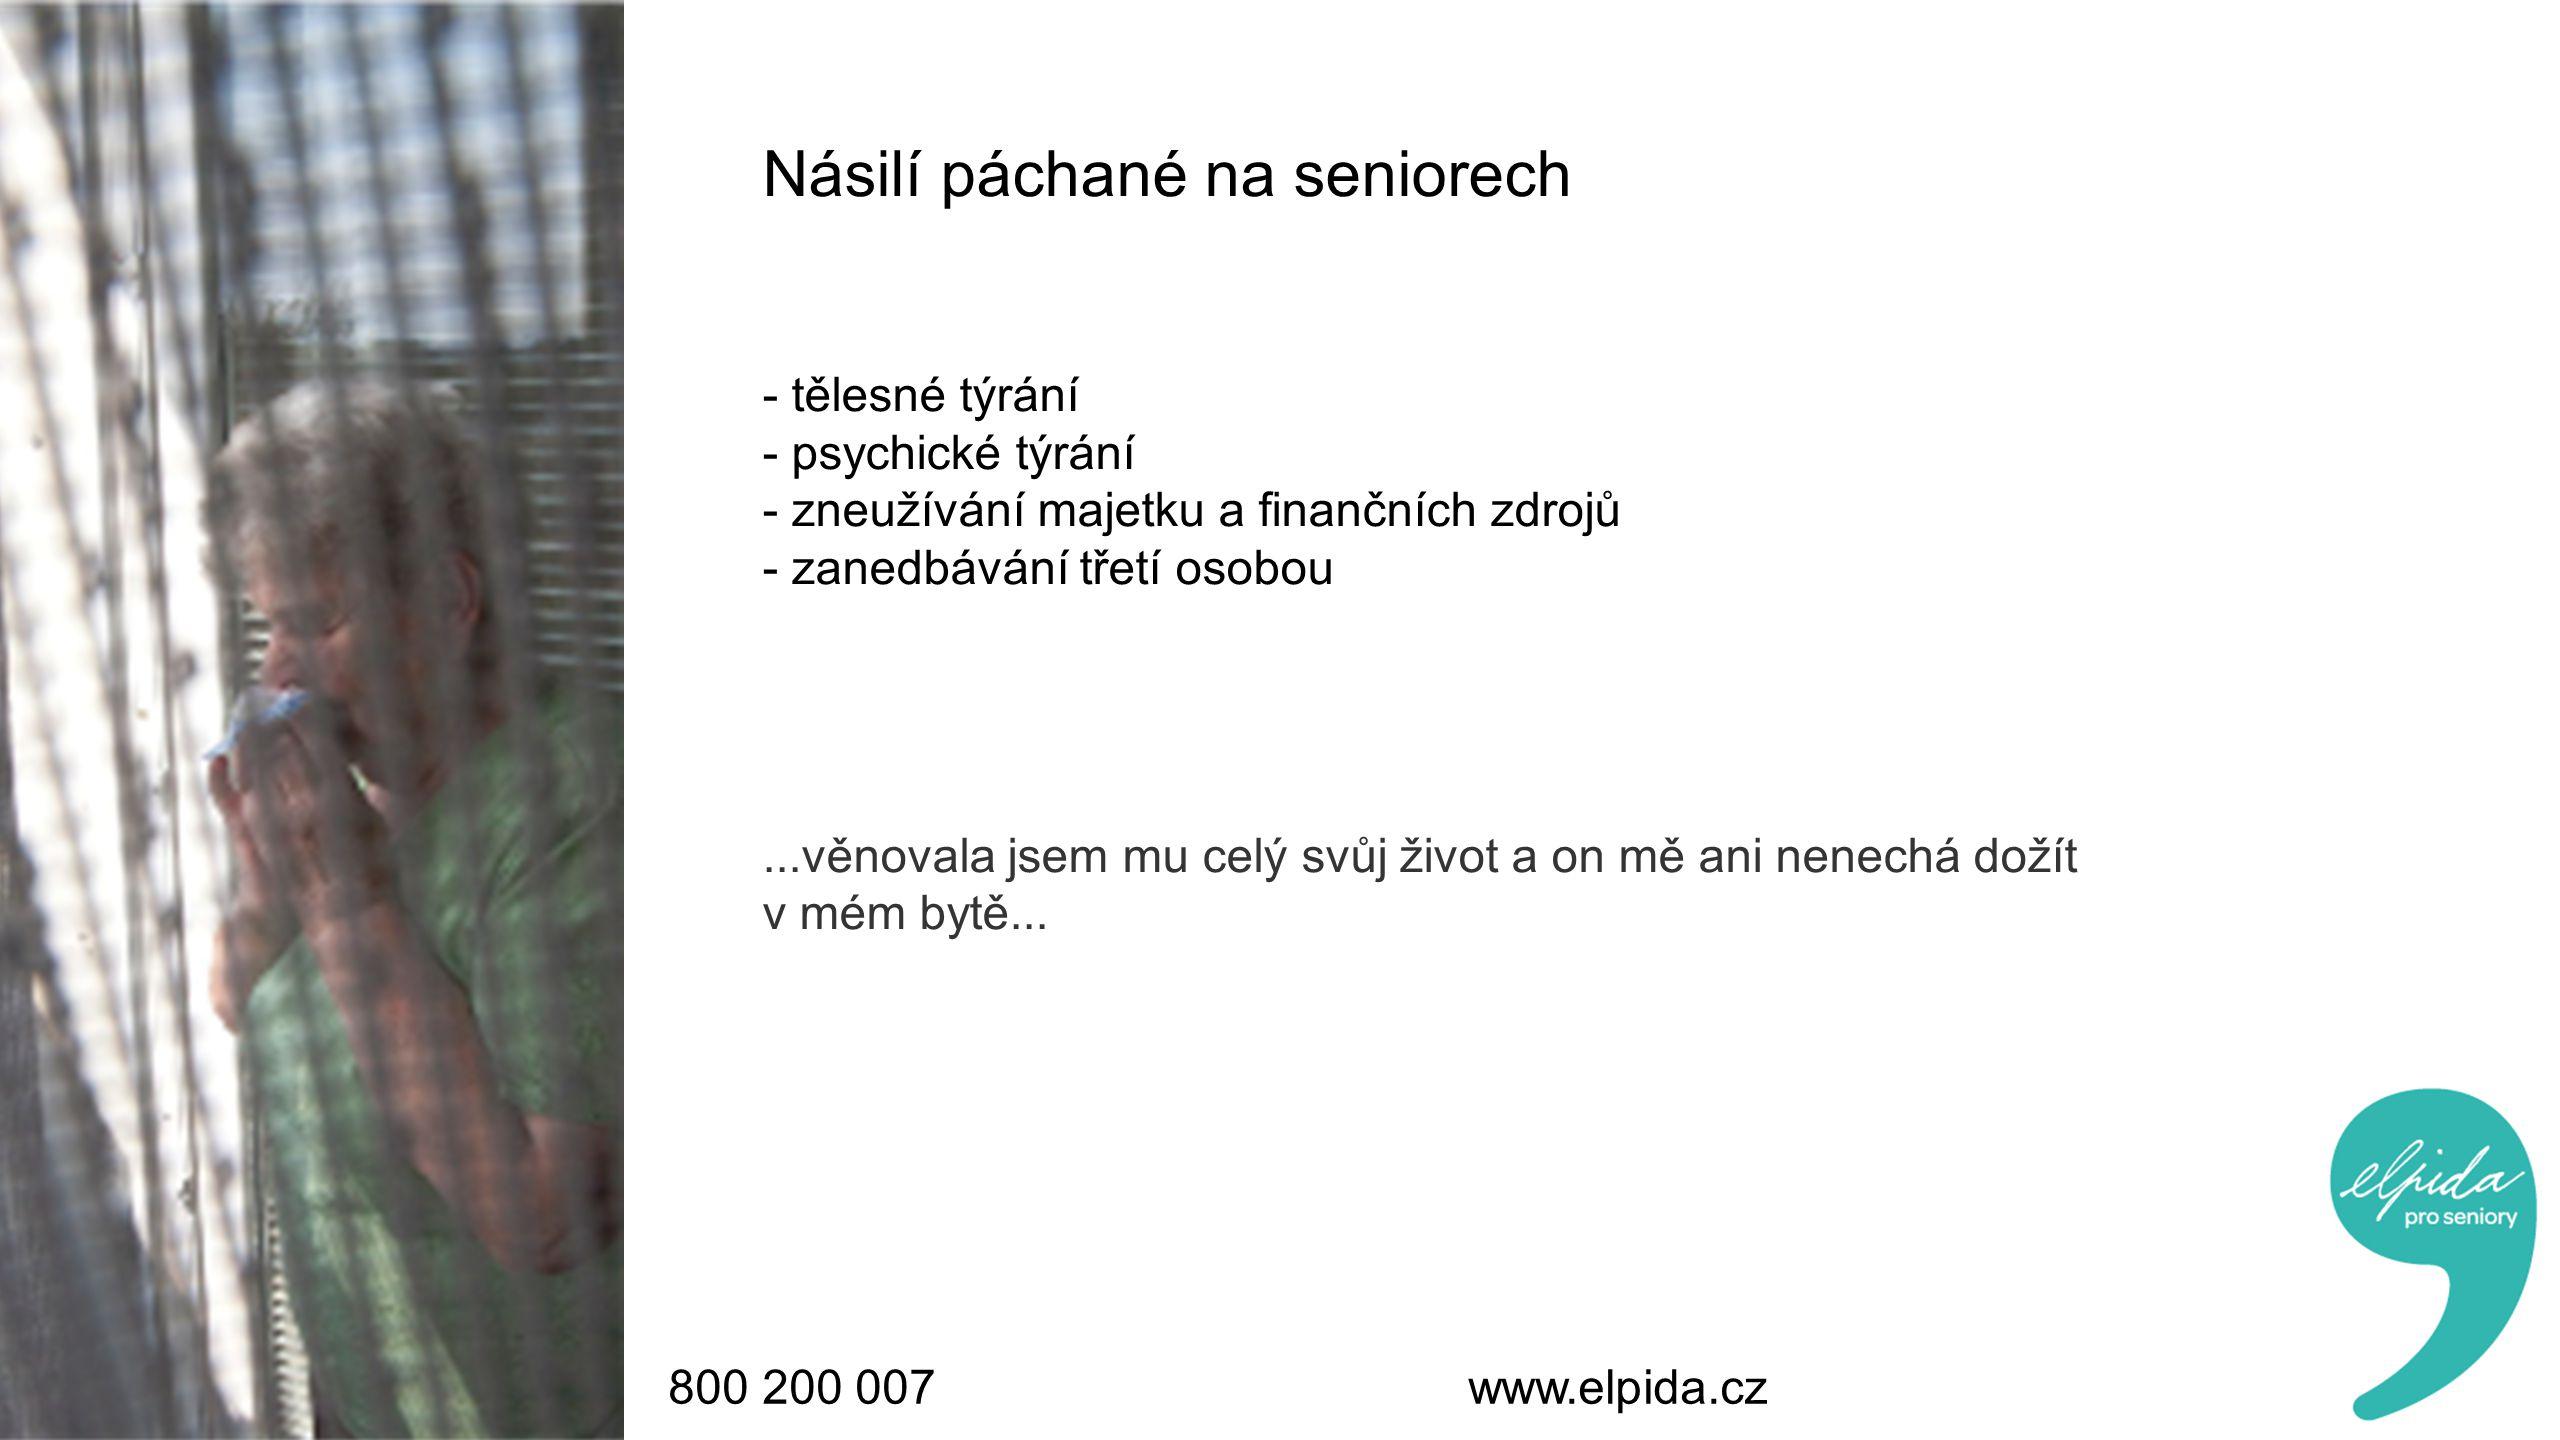 800 200 007 www.elpida.cz Násilí páchané na seniorech - tělesné týrání - psychické týrání - zneužívání majetku a finančních zdrojů - zanedbávání třetí osobou...věnovala jsem mu celý svůj život a on mě ani nenechá dožít v mém bytě...